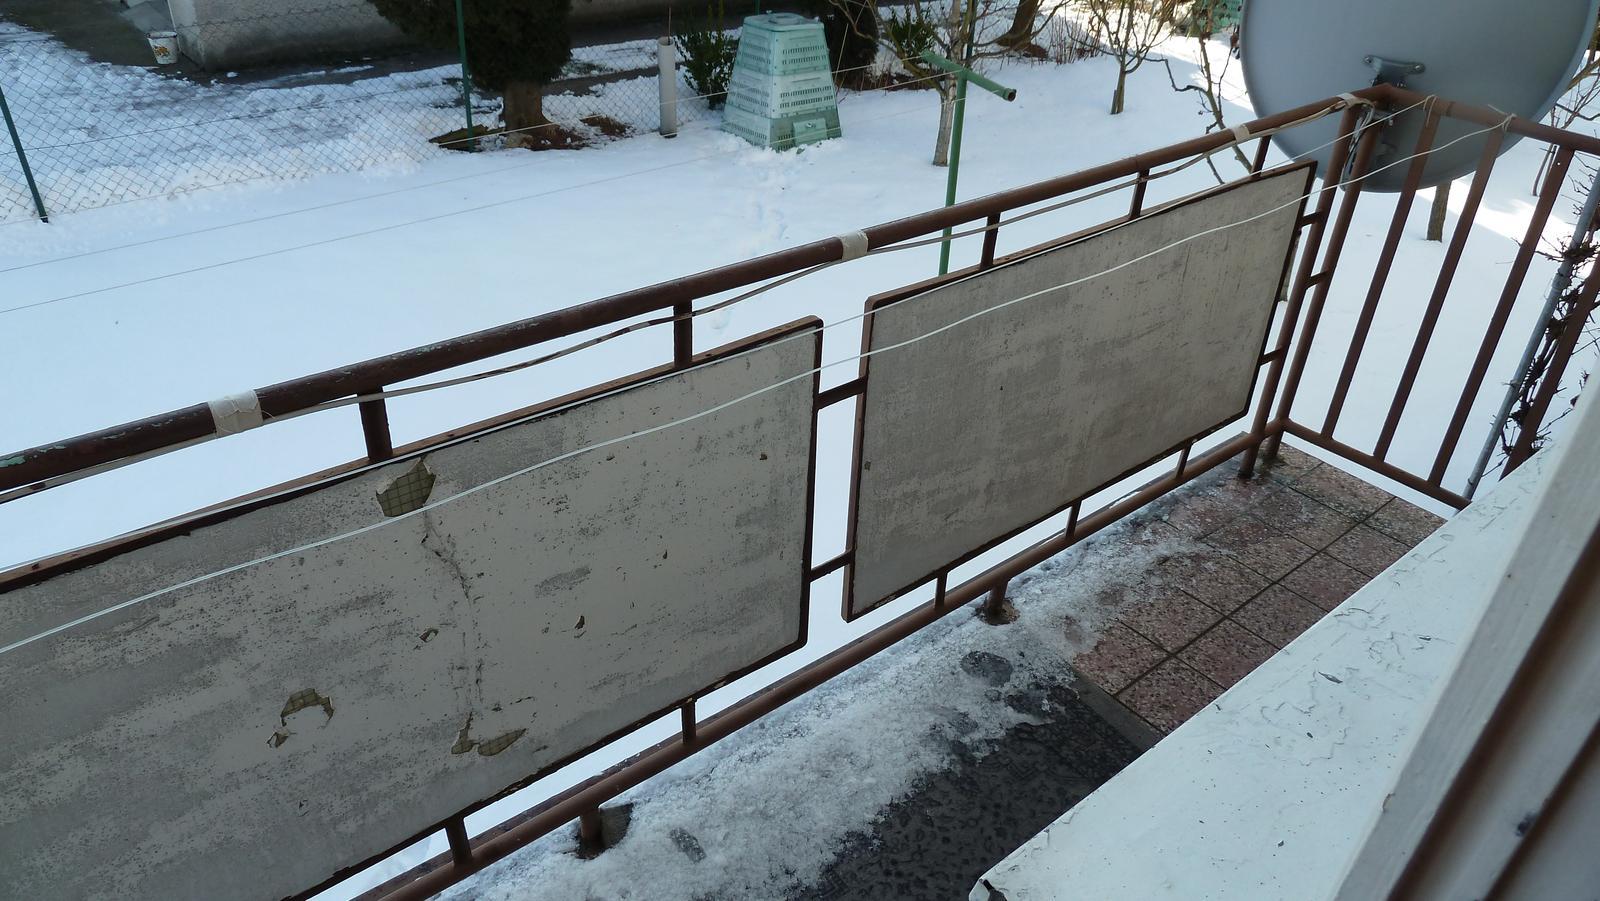 Projekt: Nové bývanie ... - ... 3 a pol metrový balkón z ktorého bude časom teraska...